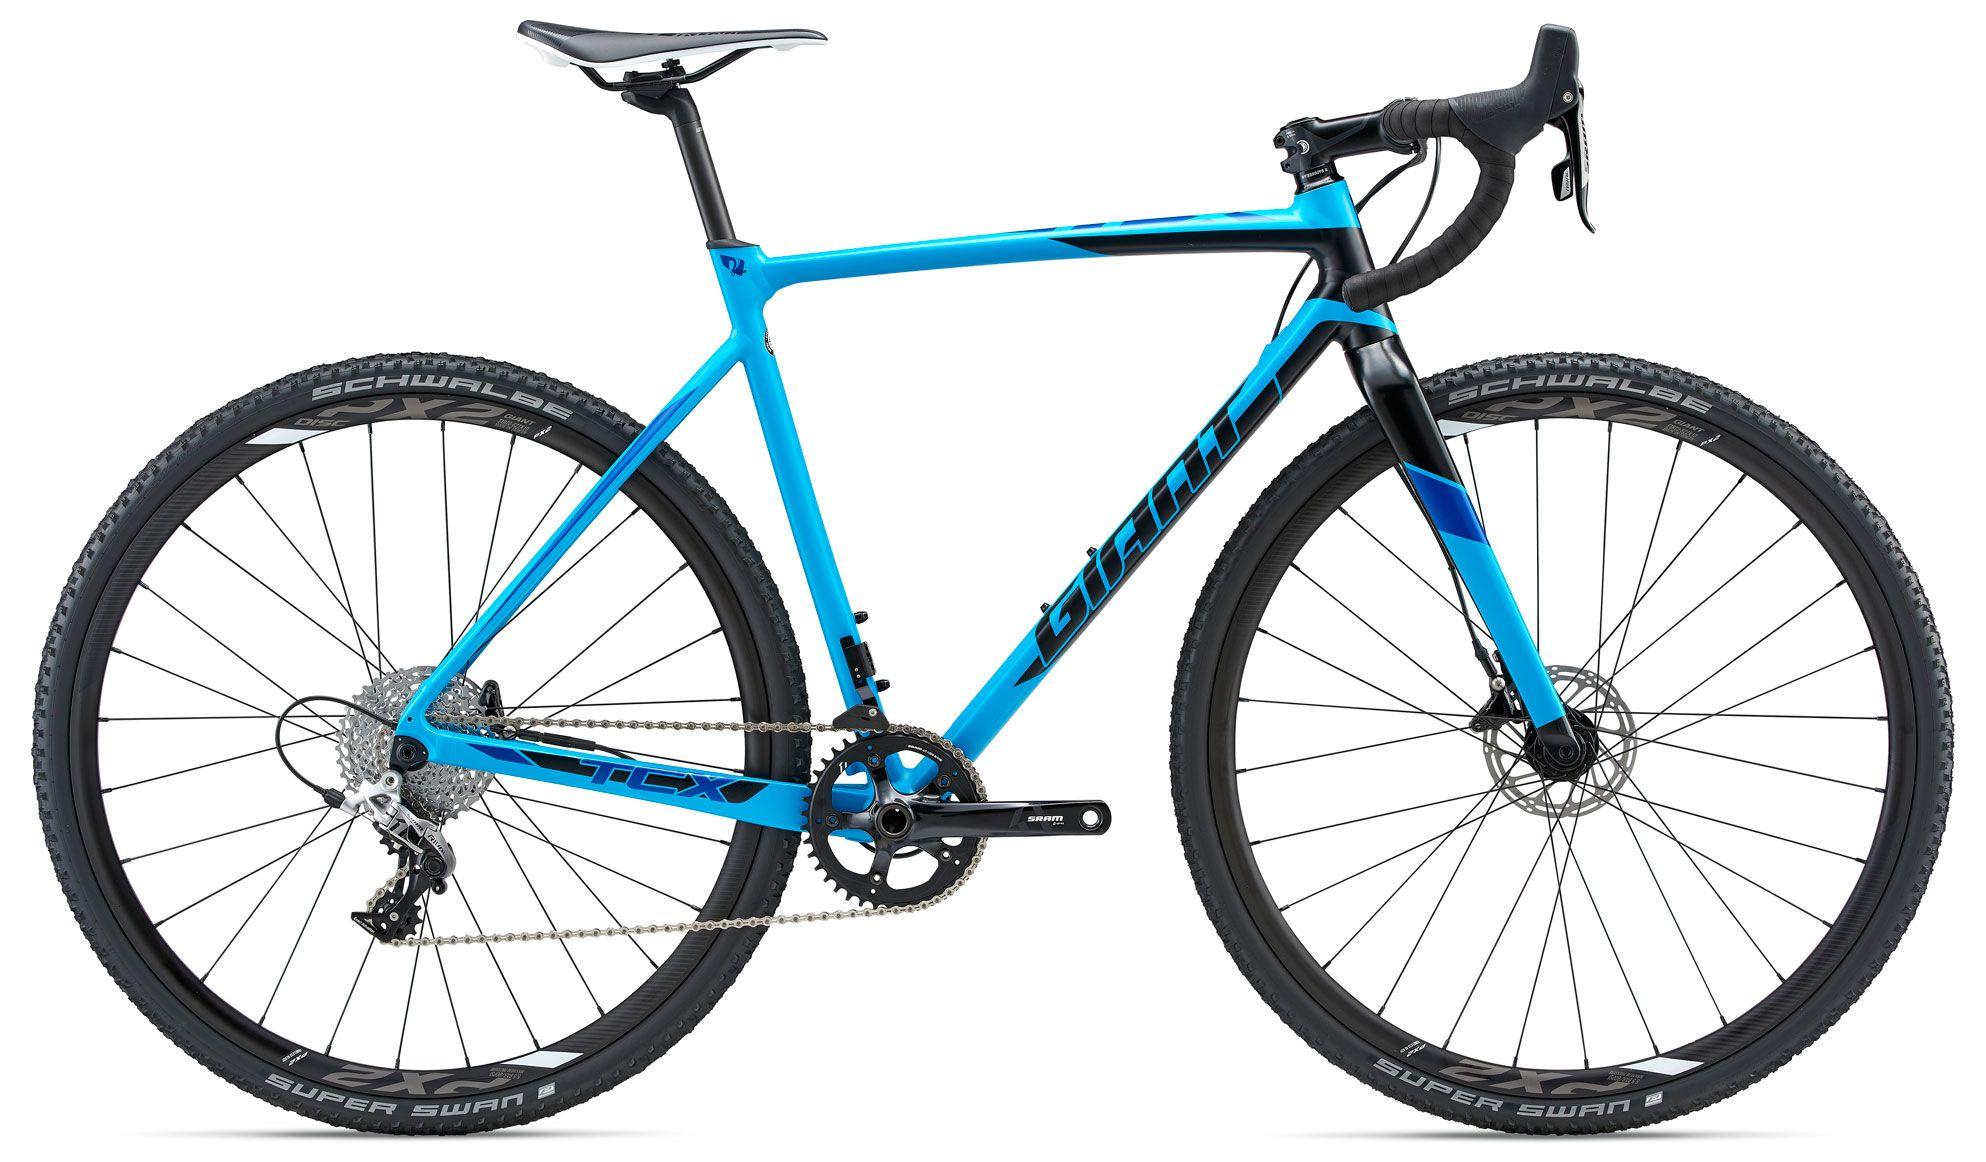 Велосипед Giant TCX SLR 1 2018 велосипед giant tcx slr 2 2018